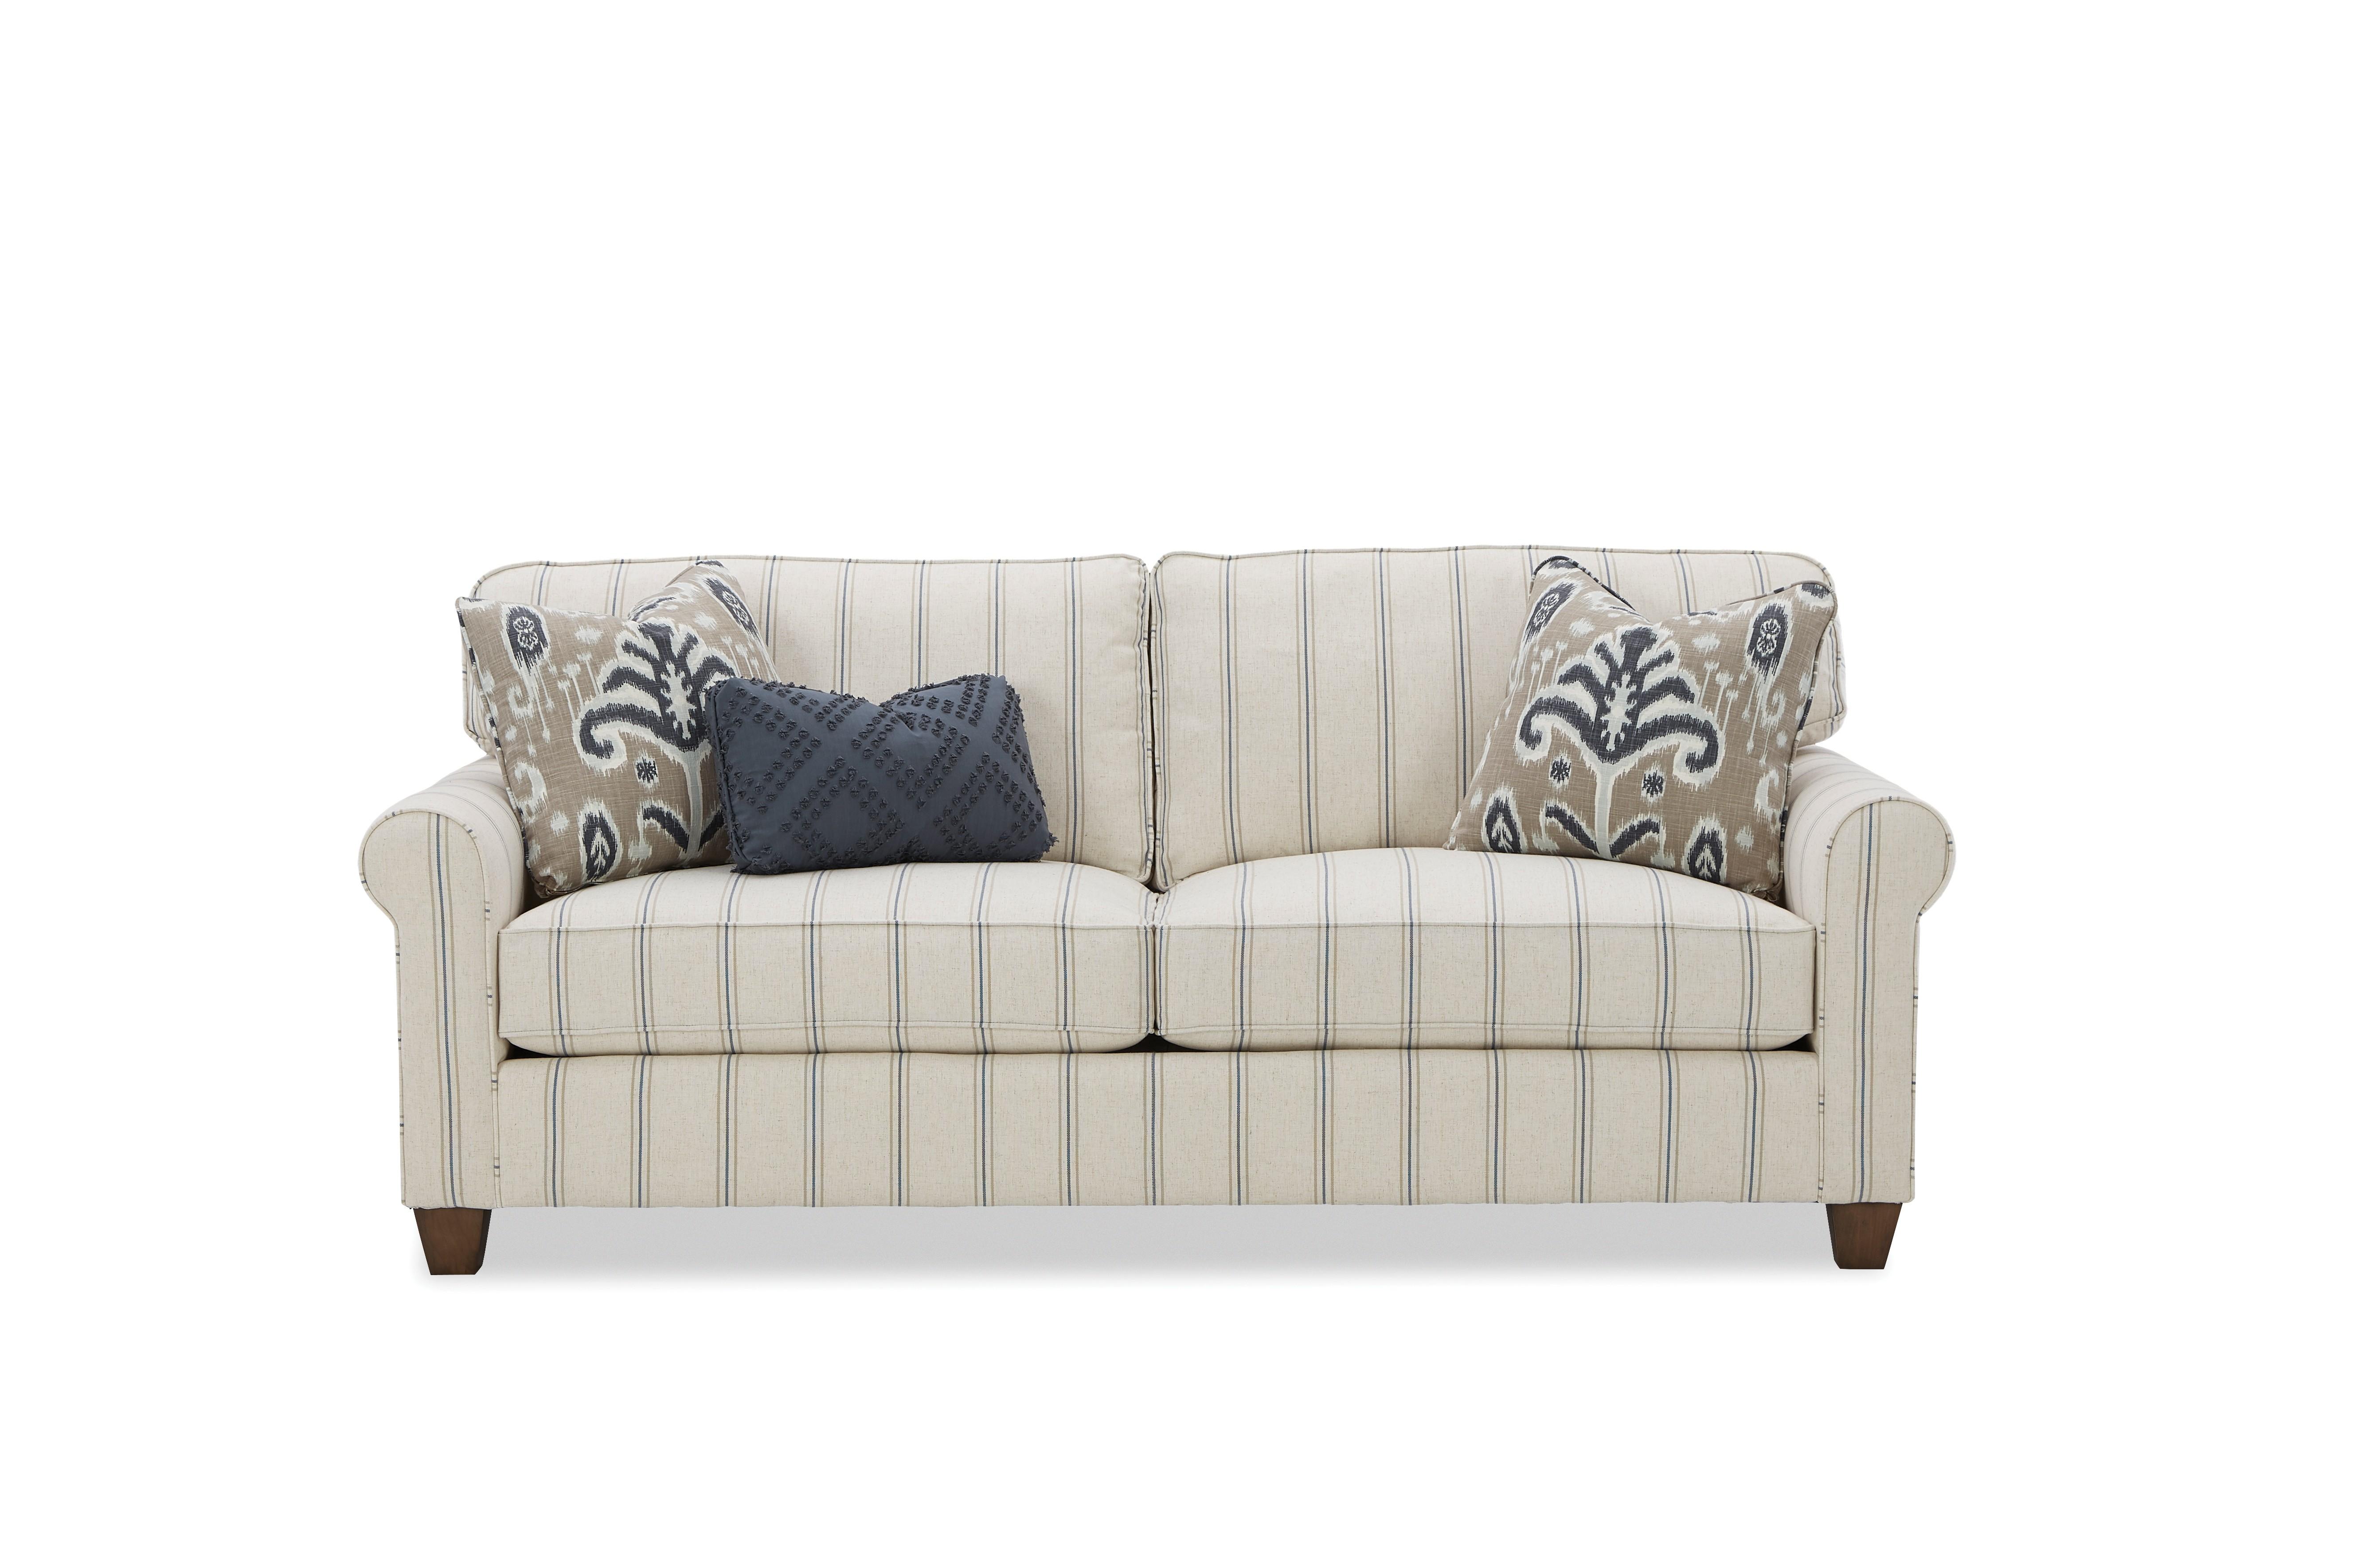 717450 2-Seat Sofa by Craftmaster at Furniture Barn